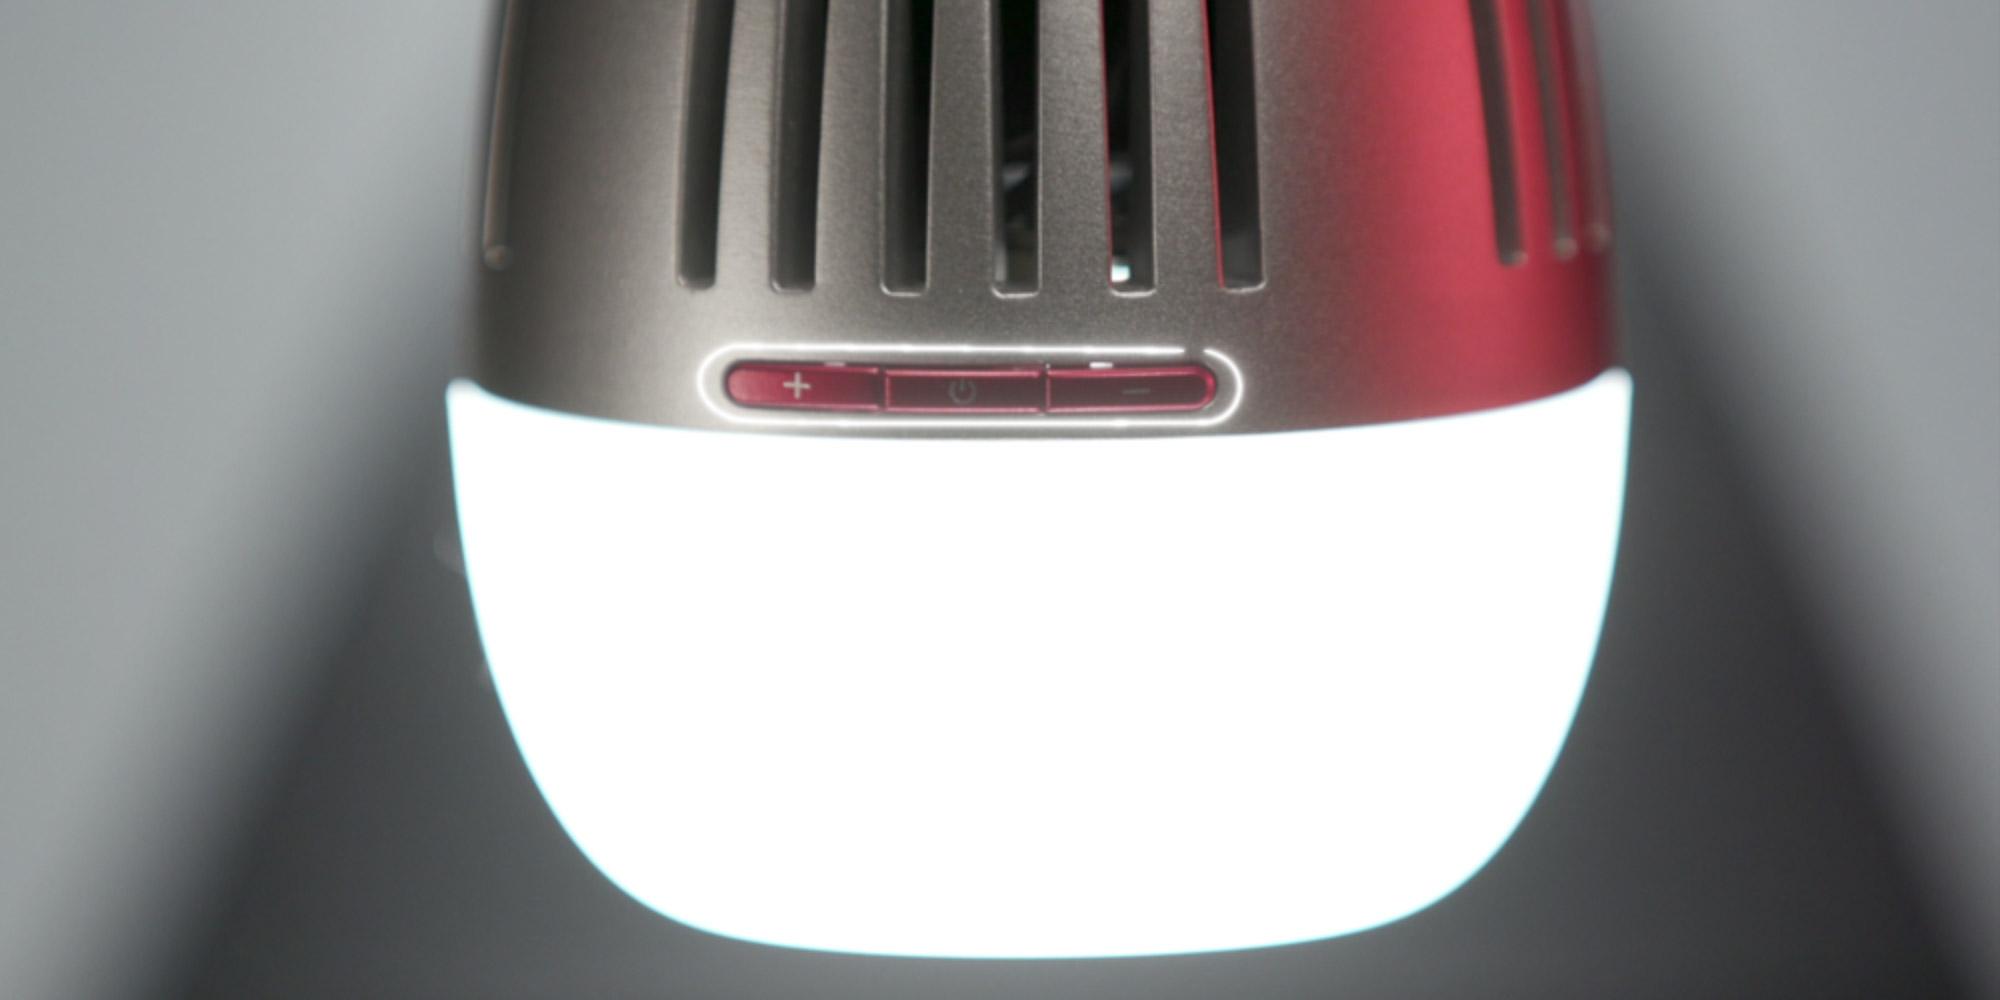 Trzy przyciski sterujące funkcjami żarówki LED Aputure Accent B7c